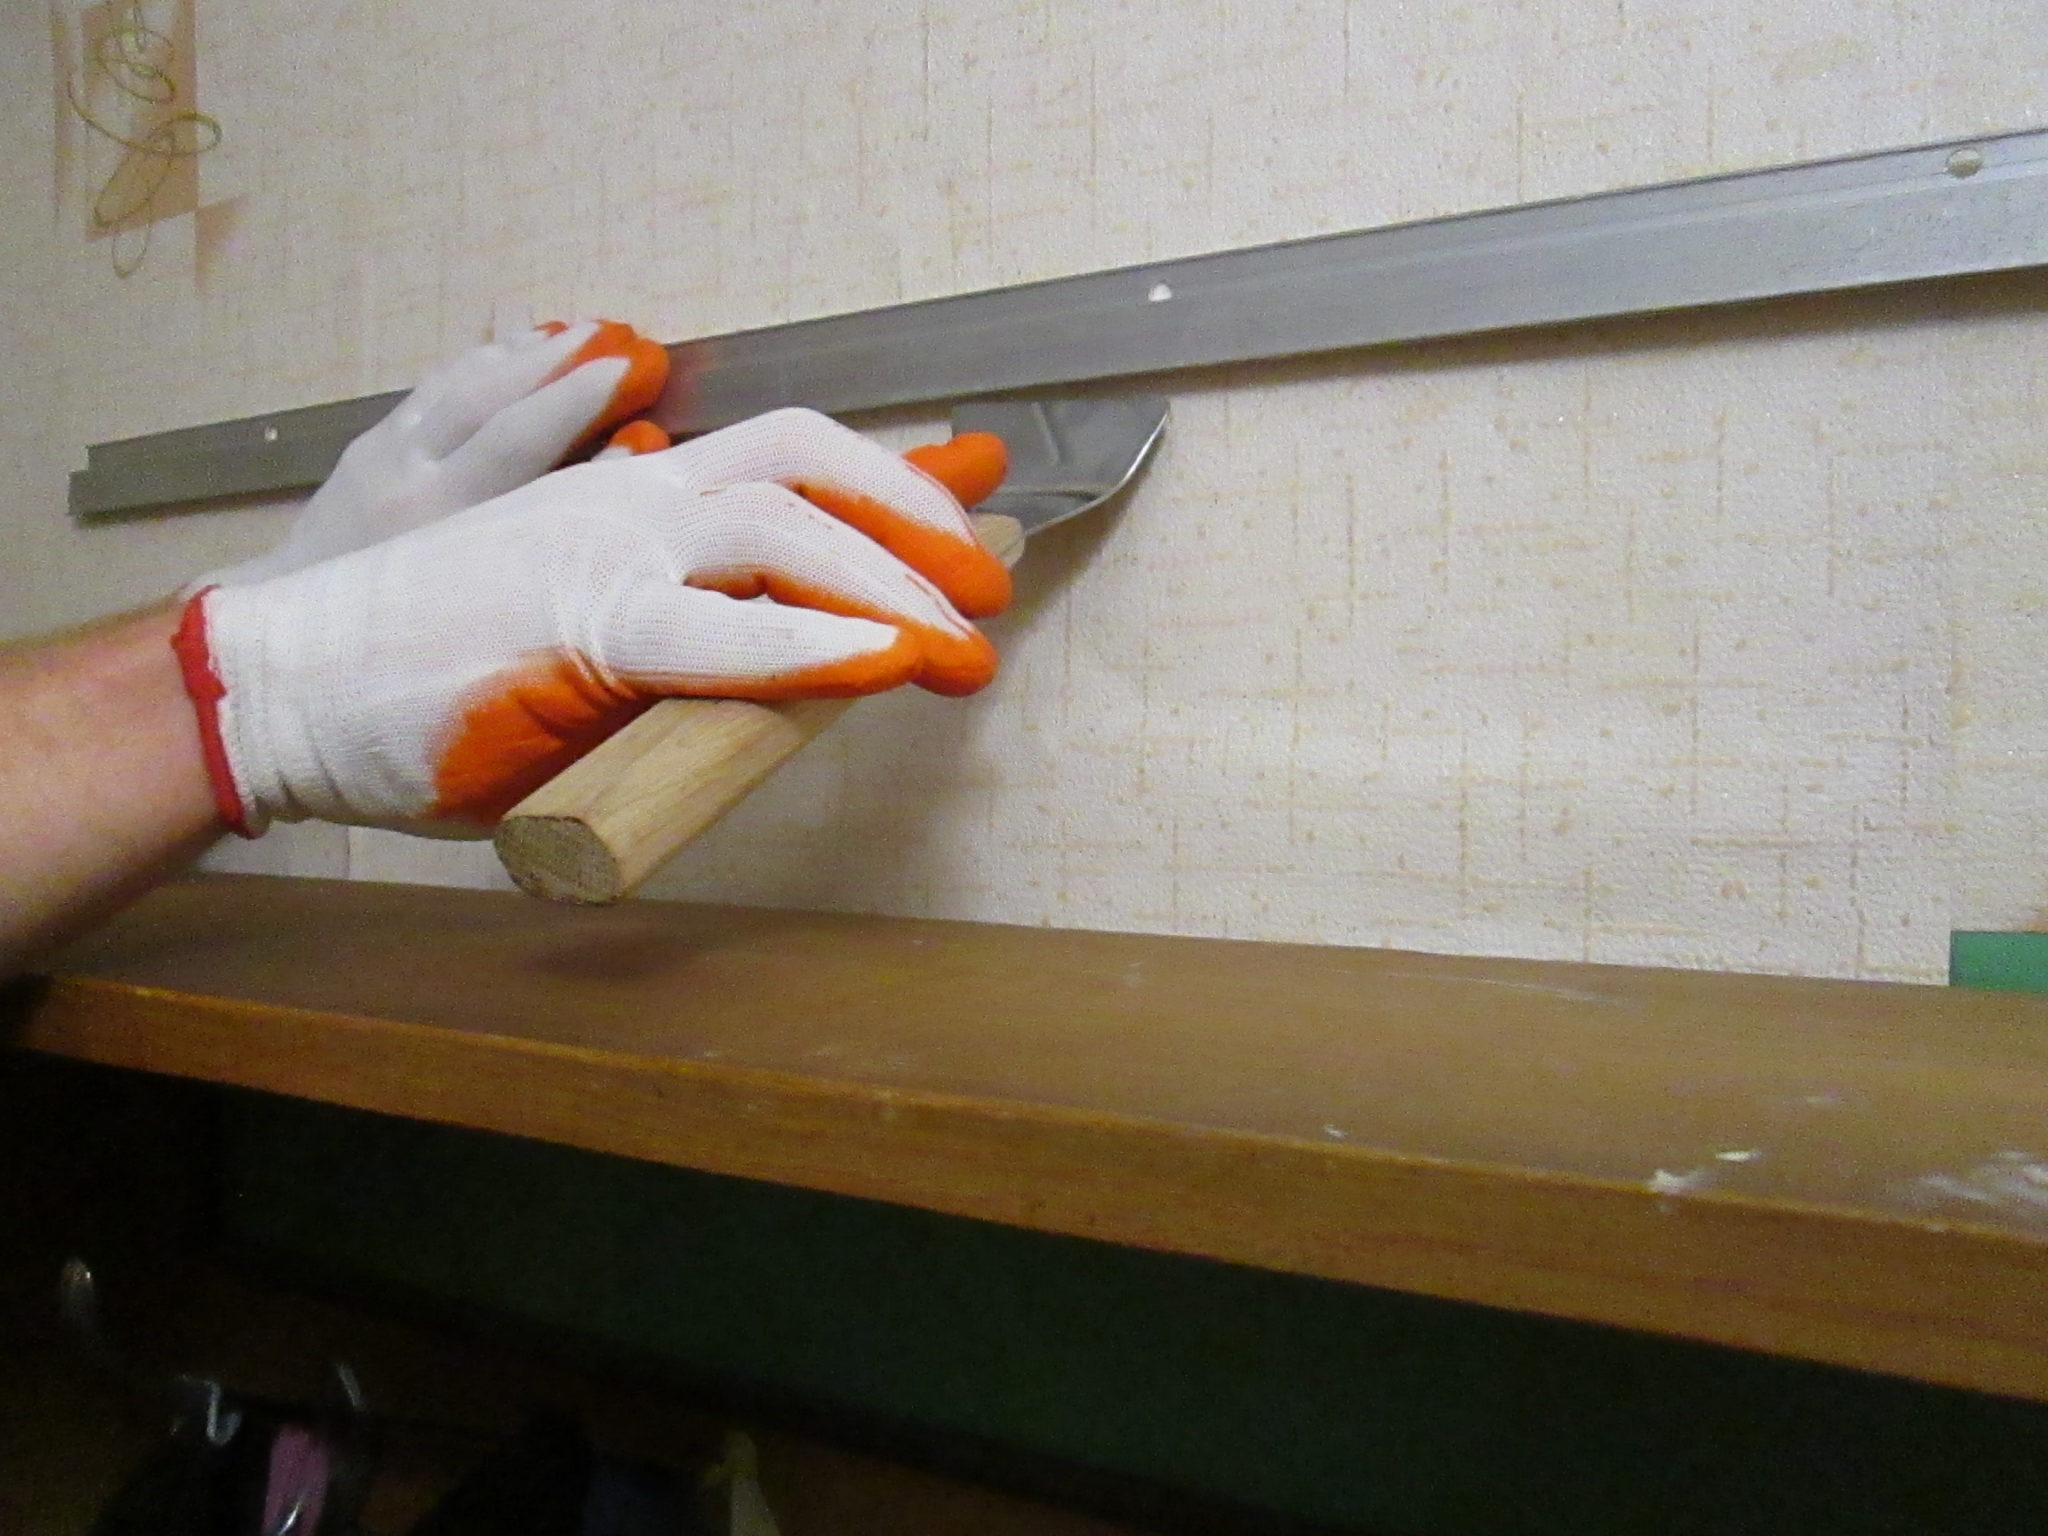 Шпатель (лопатка) для натяжных потолков